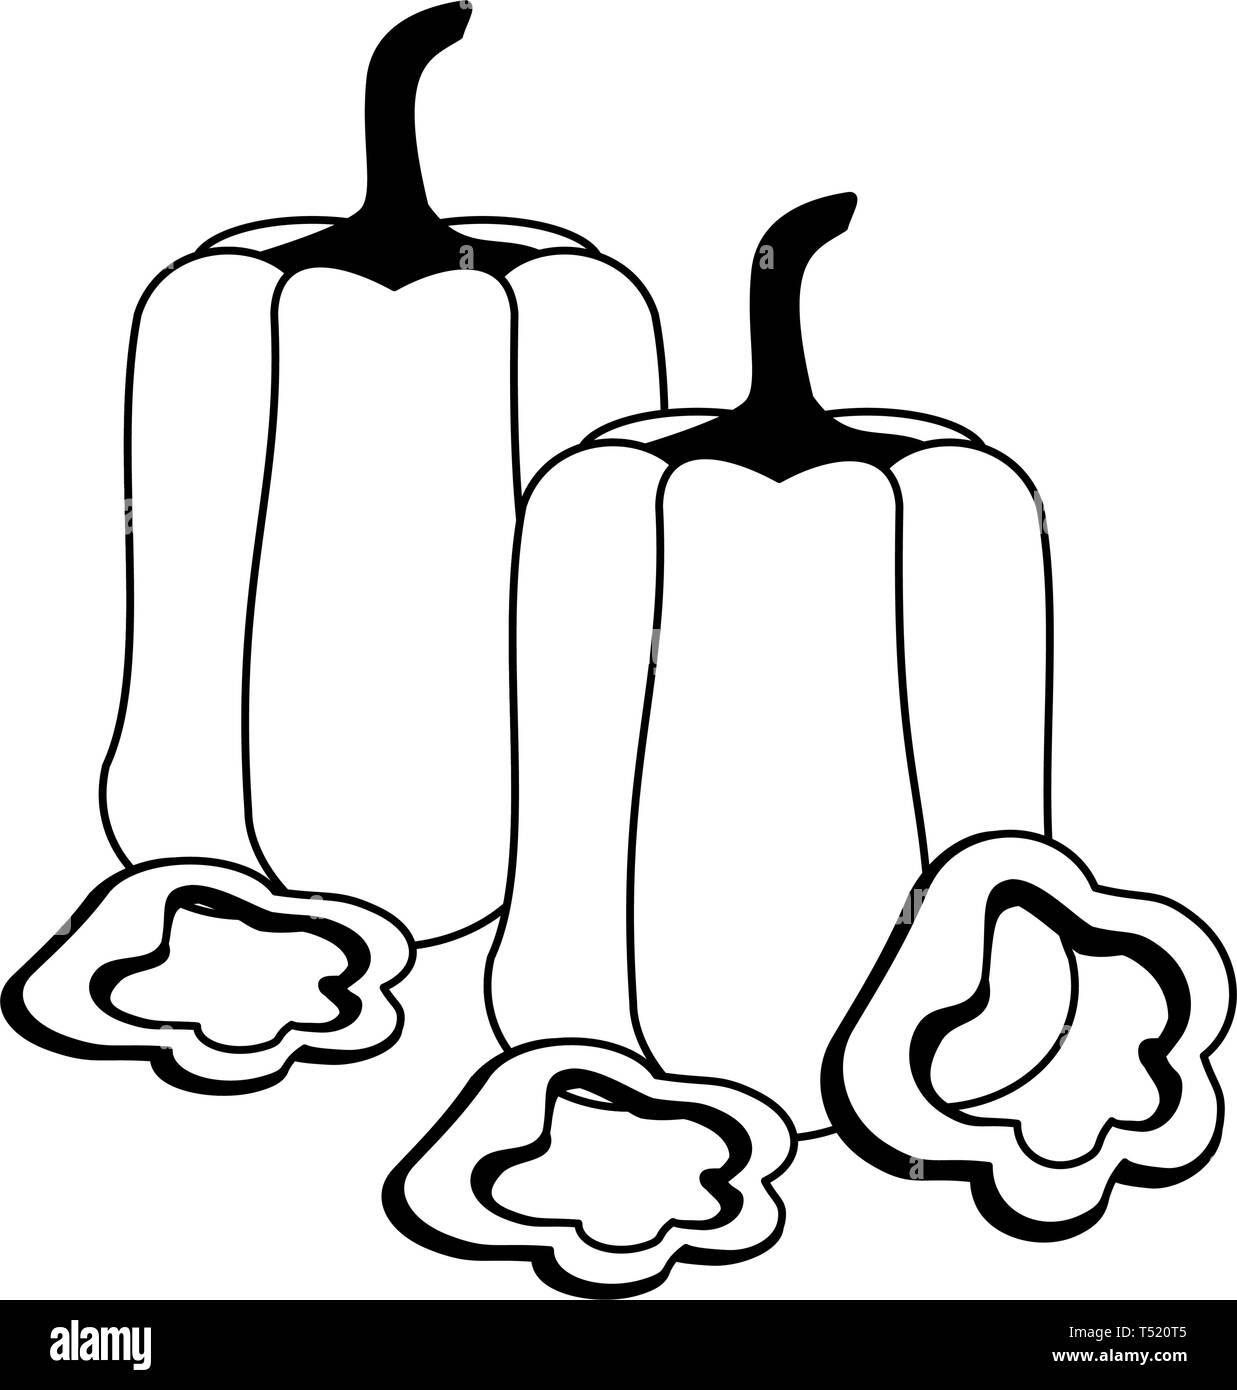 Black White Cartoon Illustration Pepper Black And White